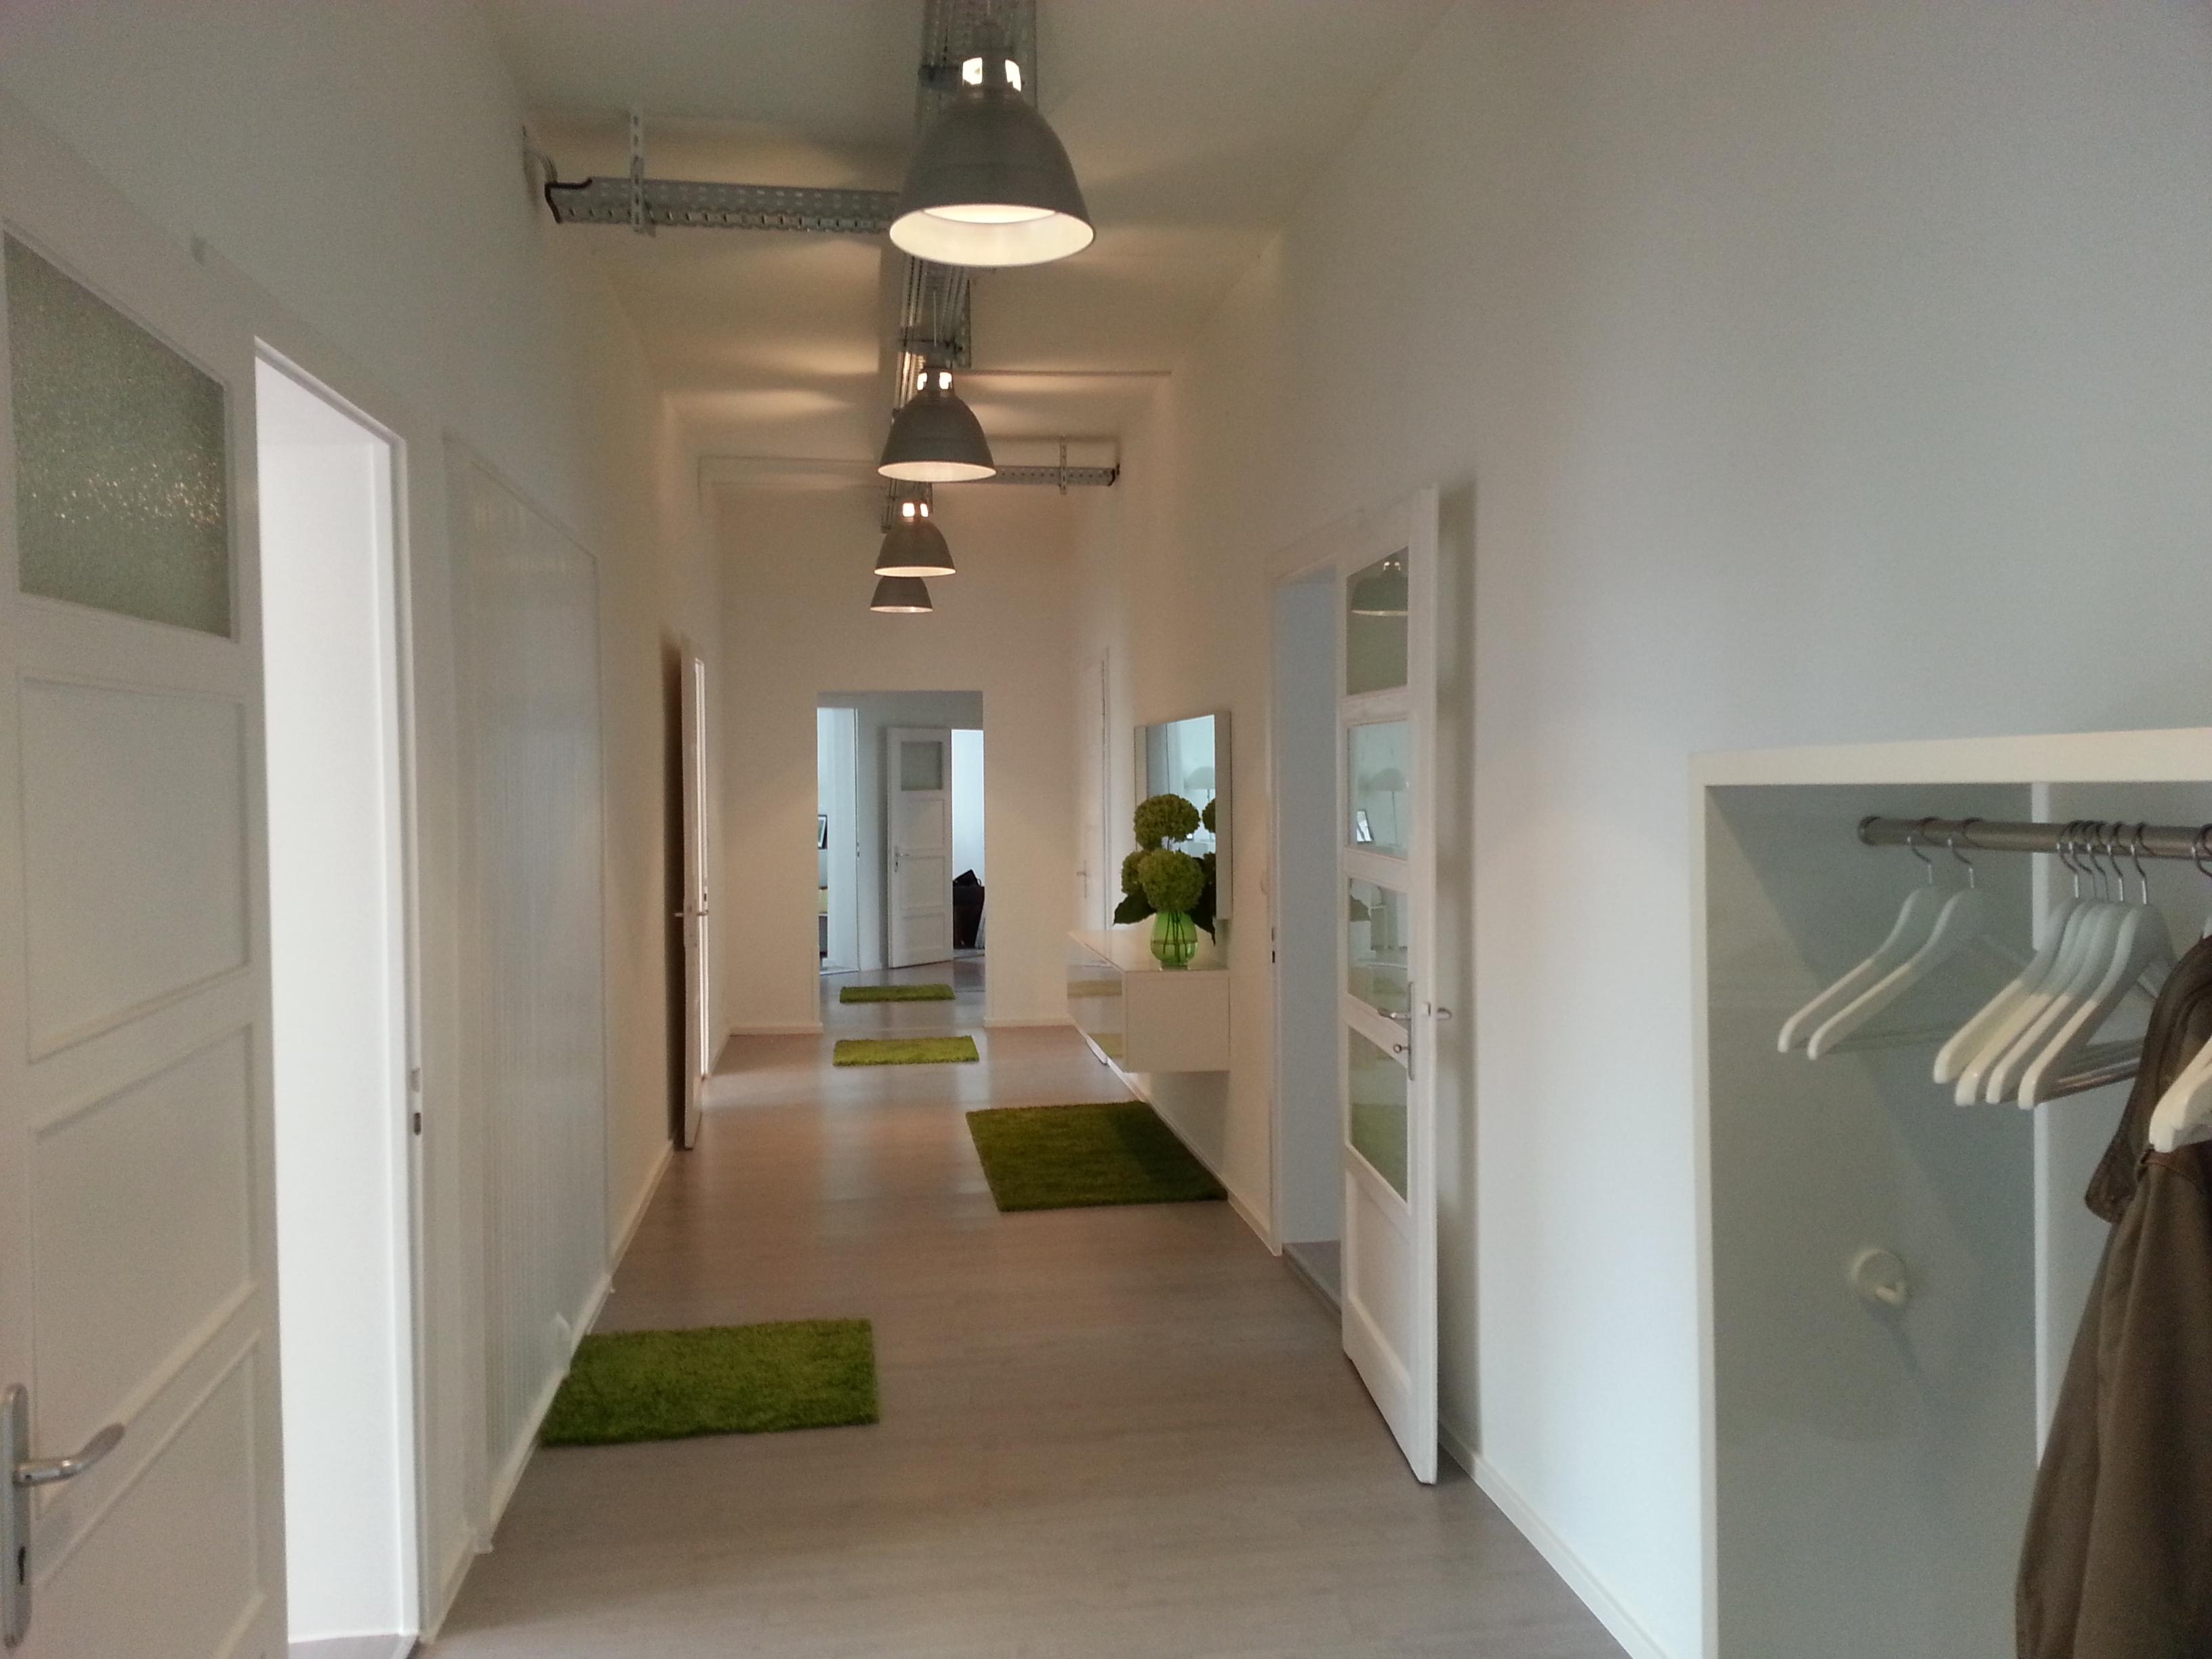 NLP Hannover Seminarraum Eingang